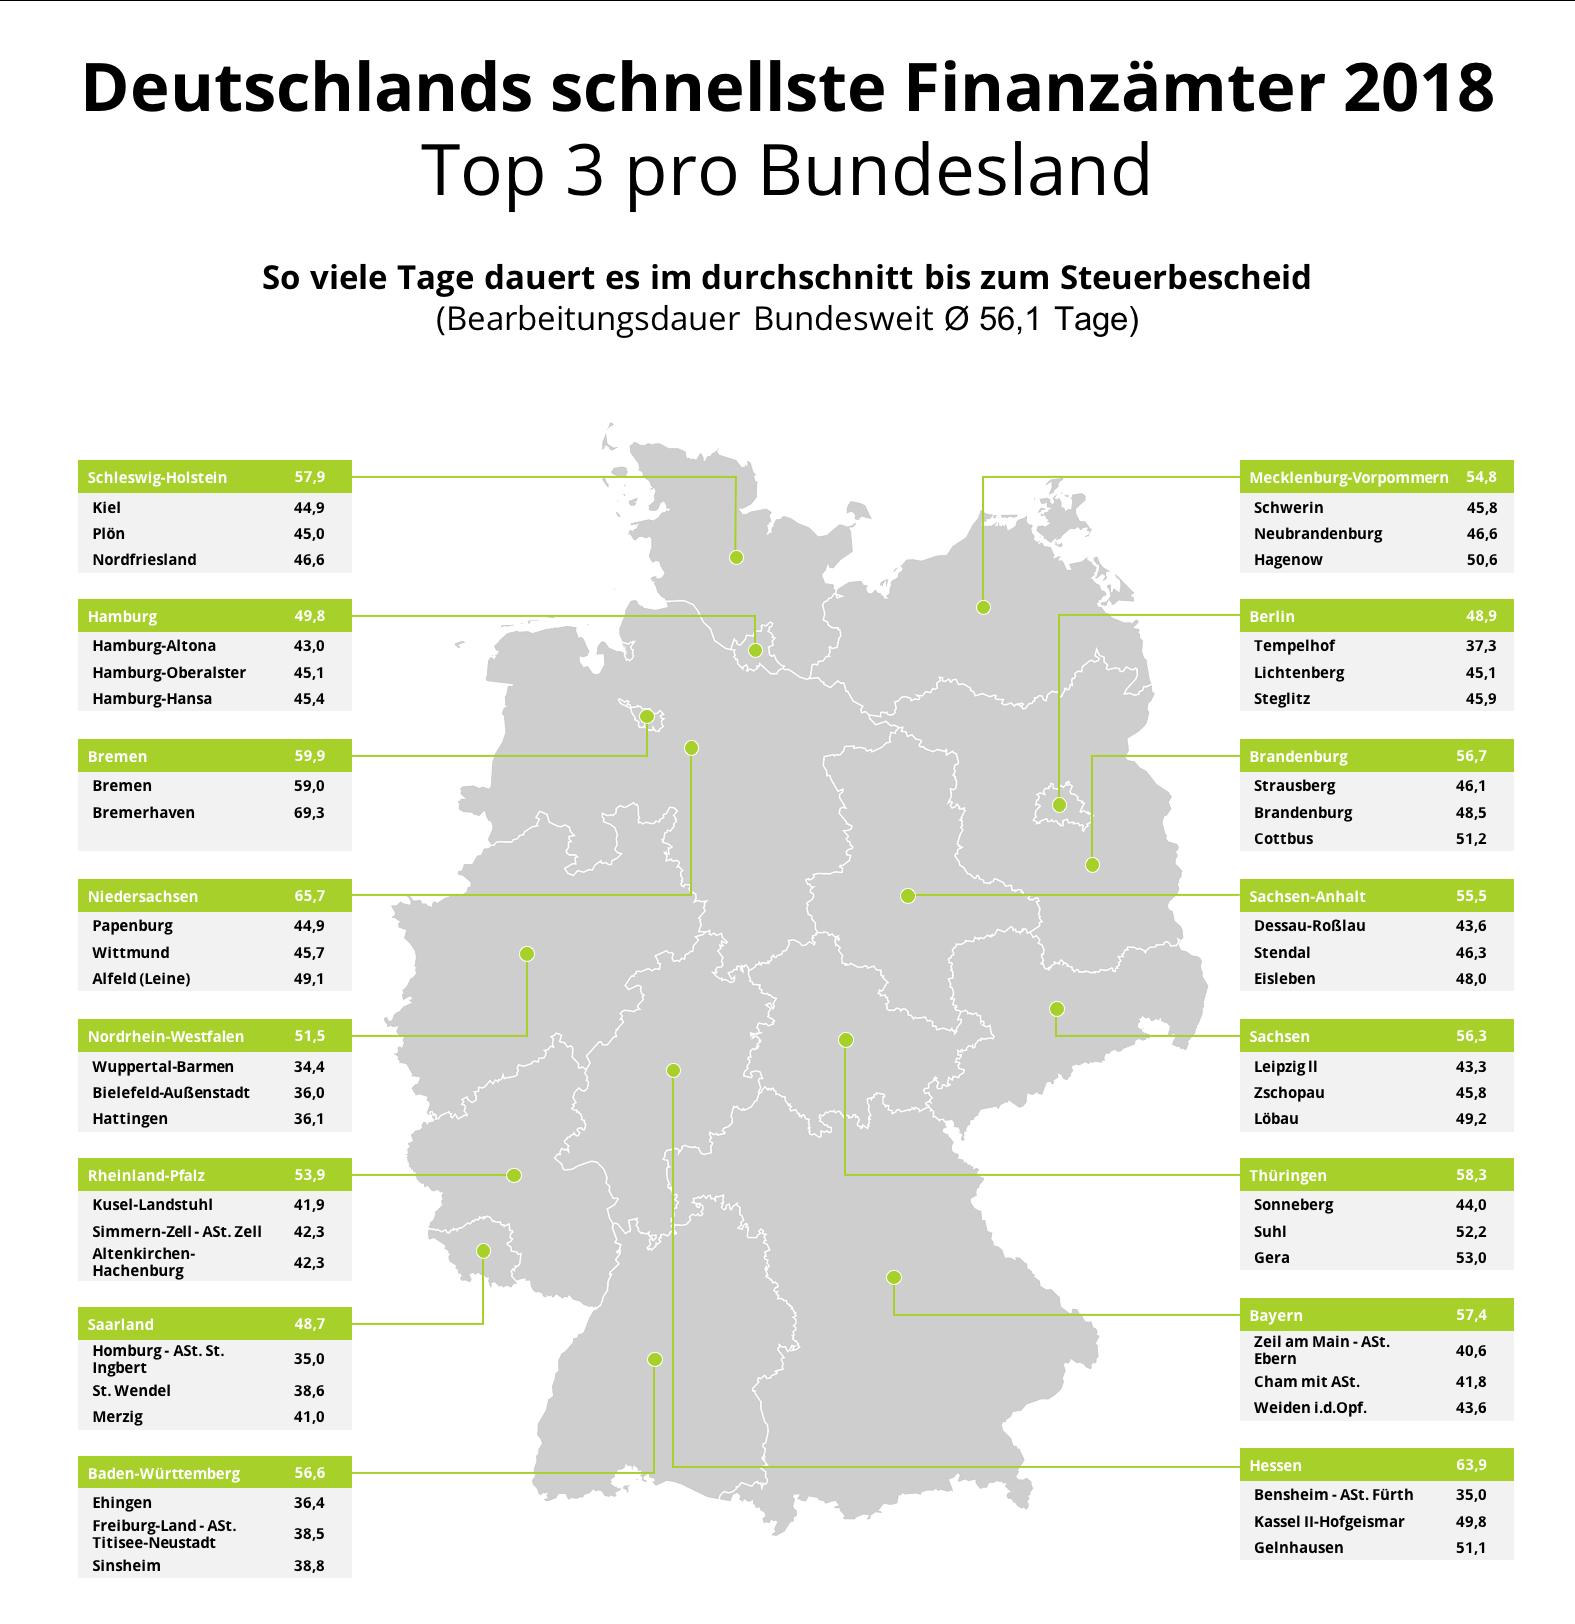 Schnellstes Finanzamt 2018